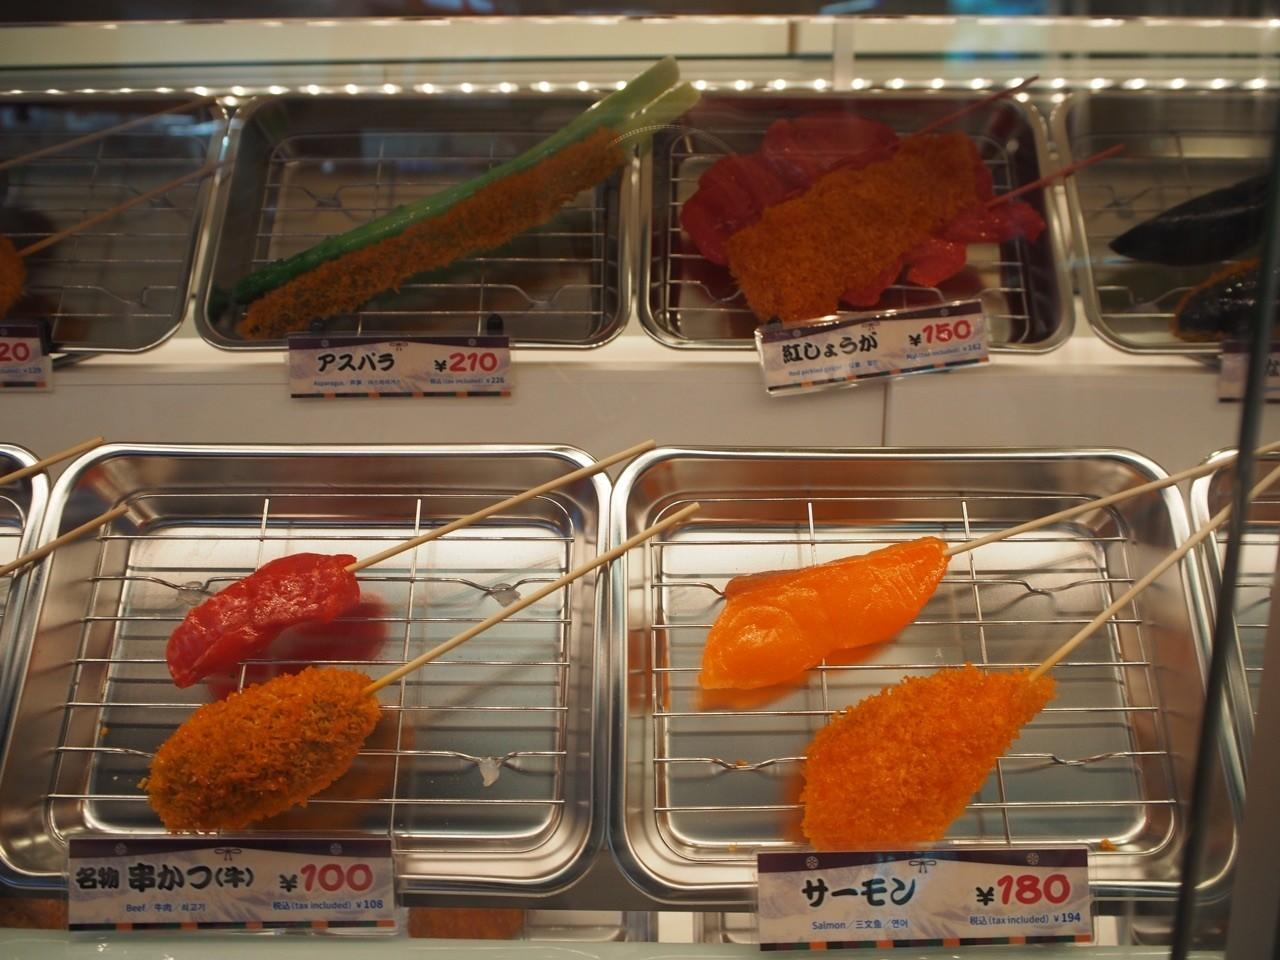 大阪名物好吃便宜炸串横綱